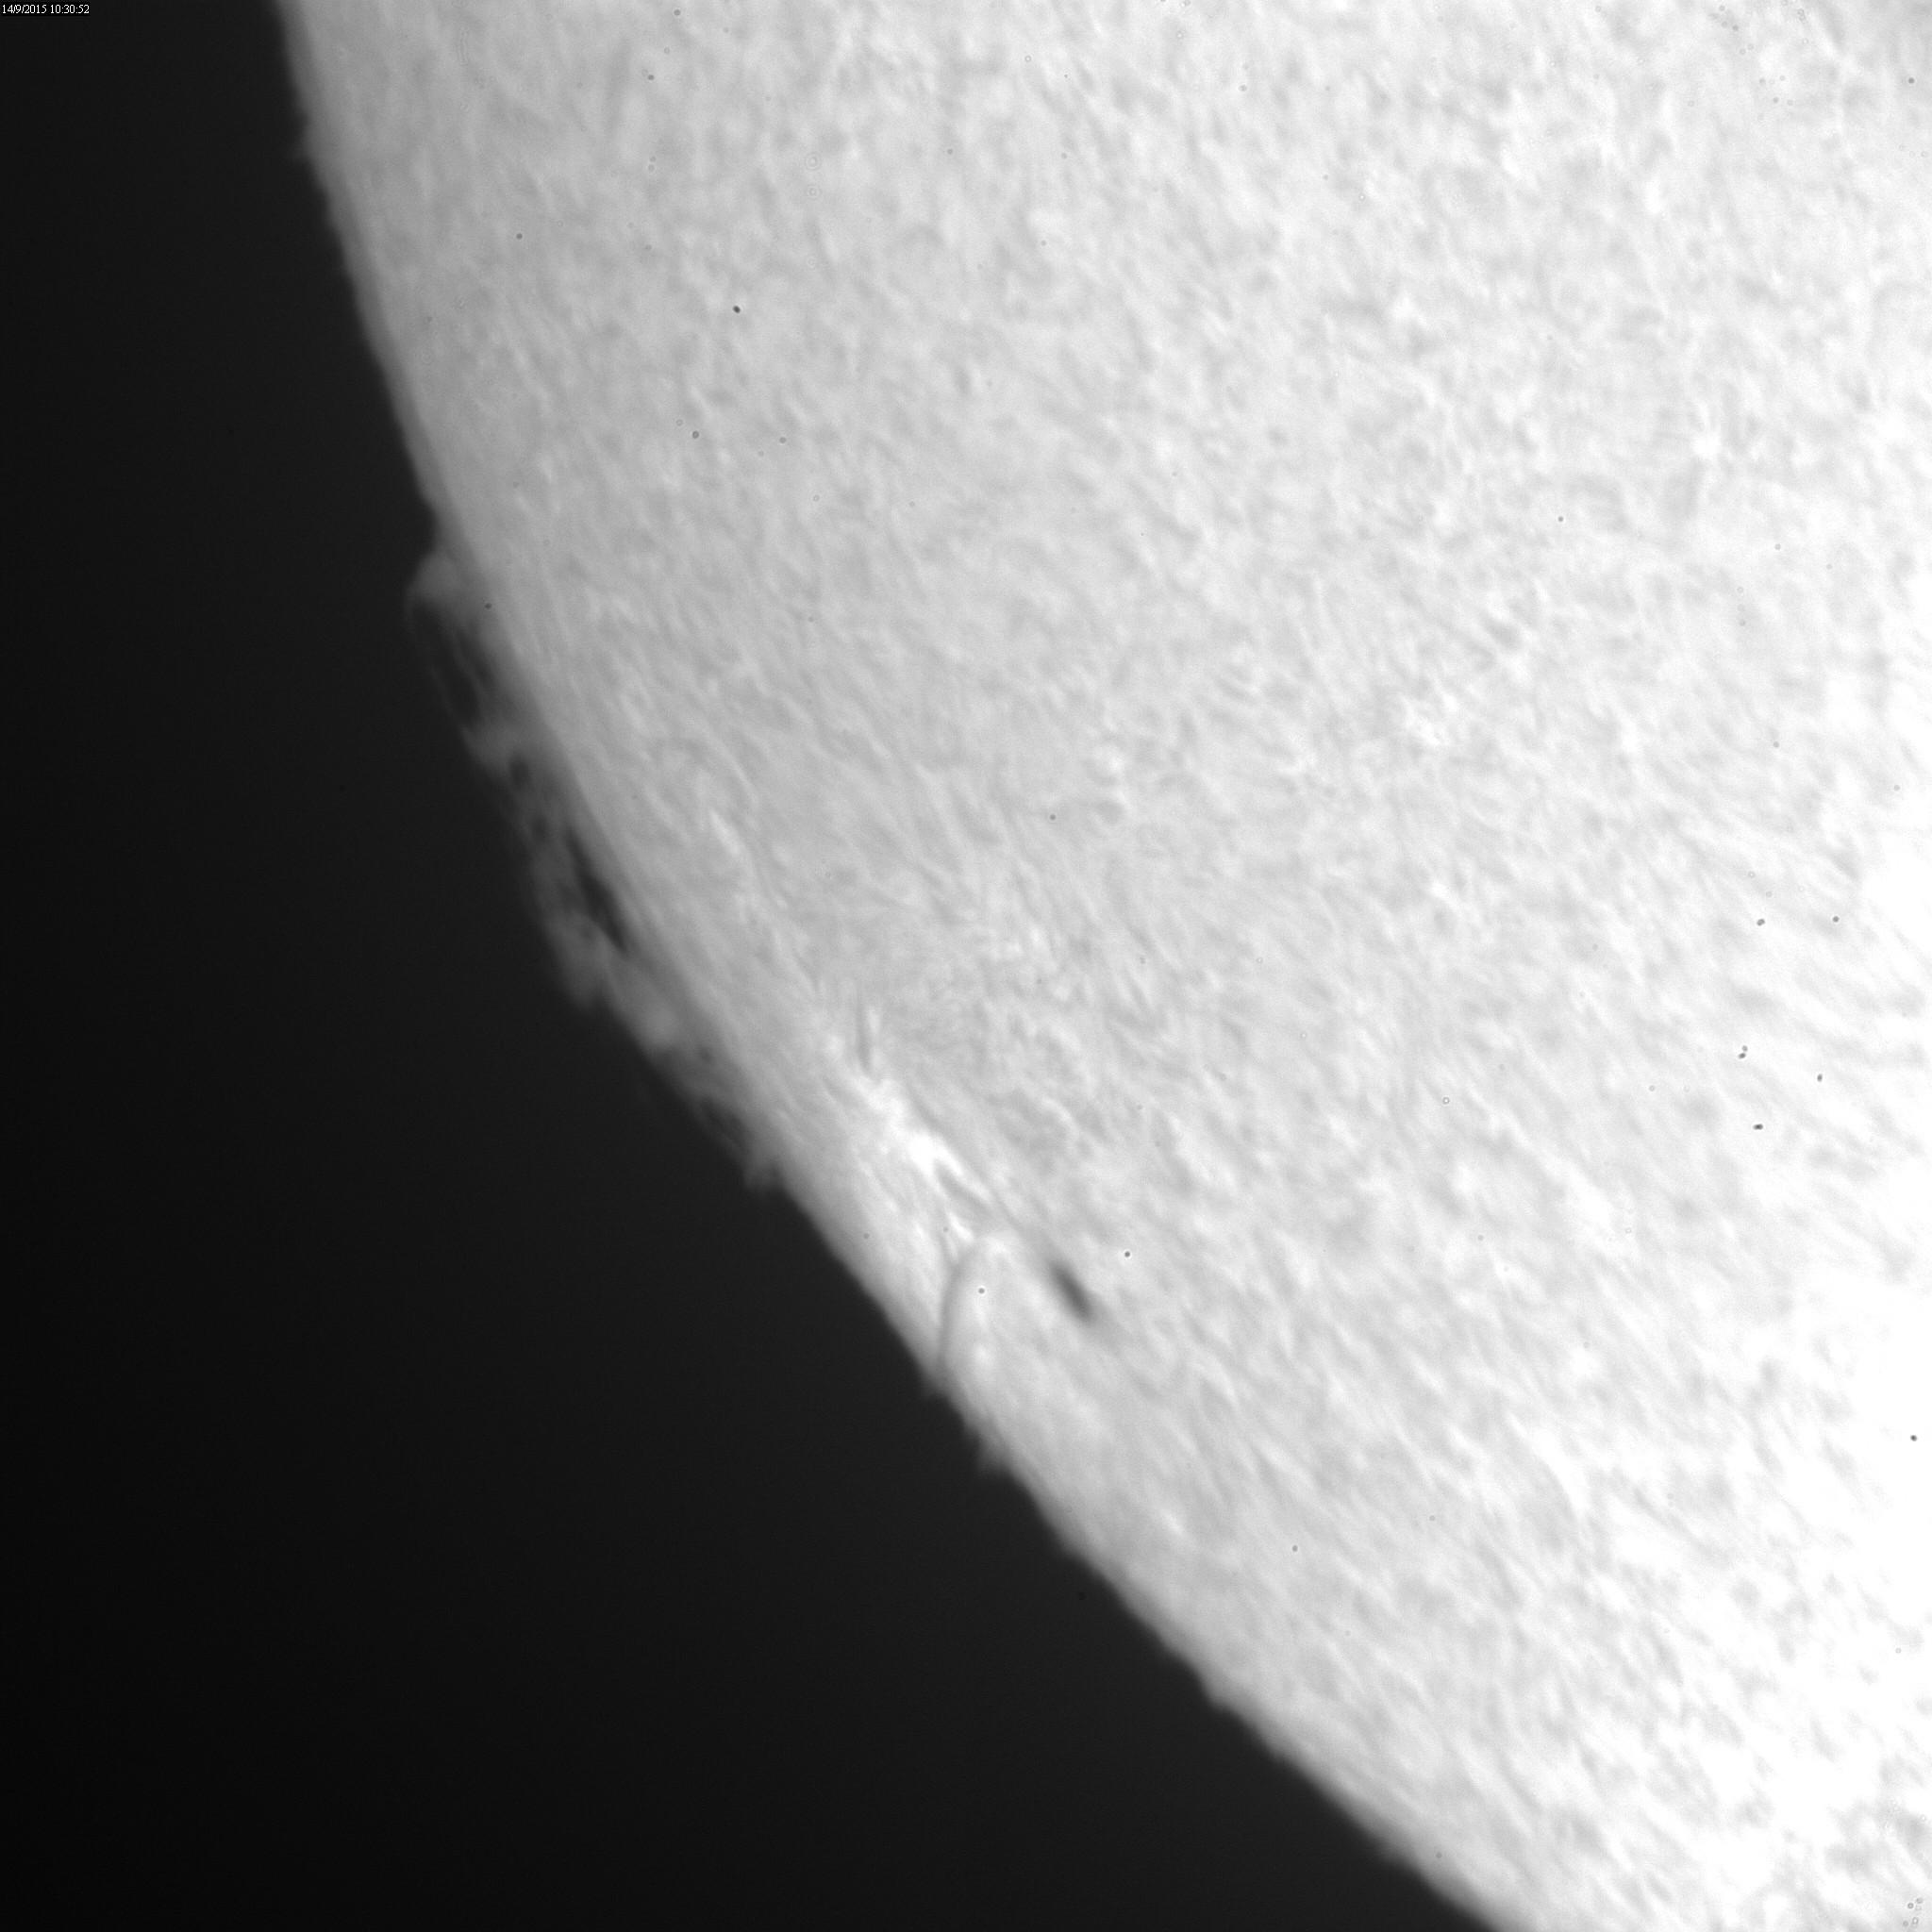 2015 September 14 Sun - AR12418